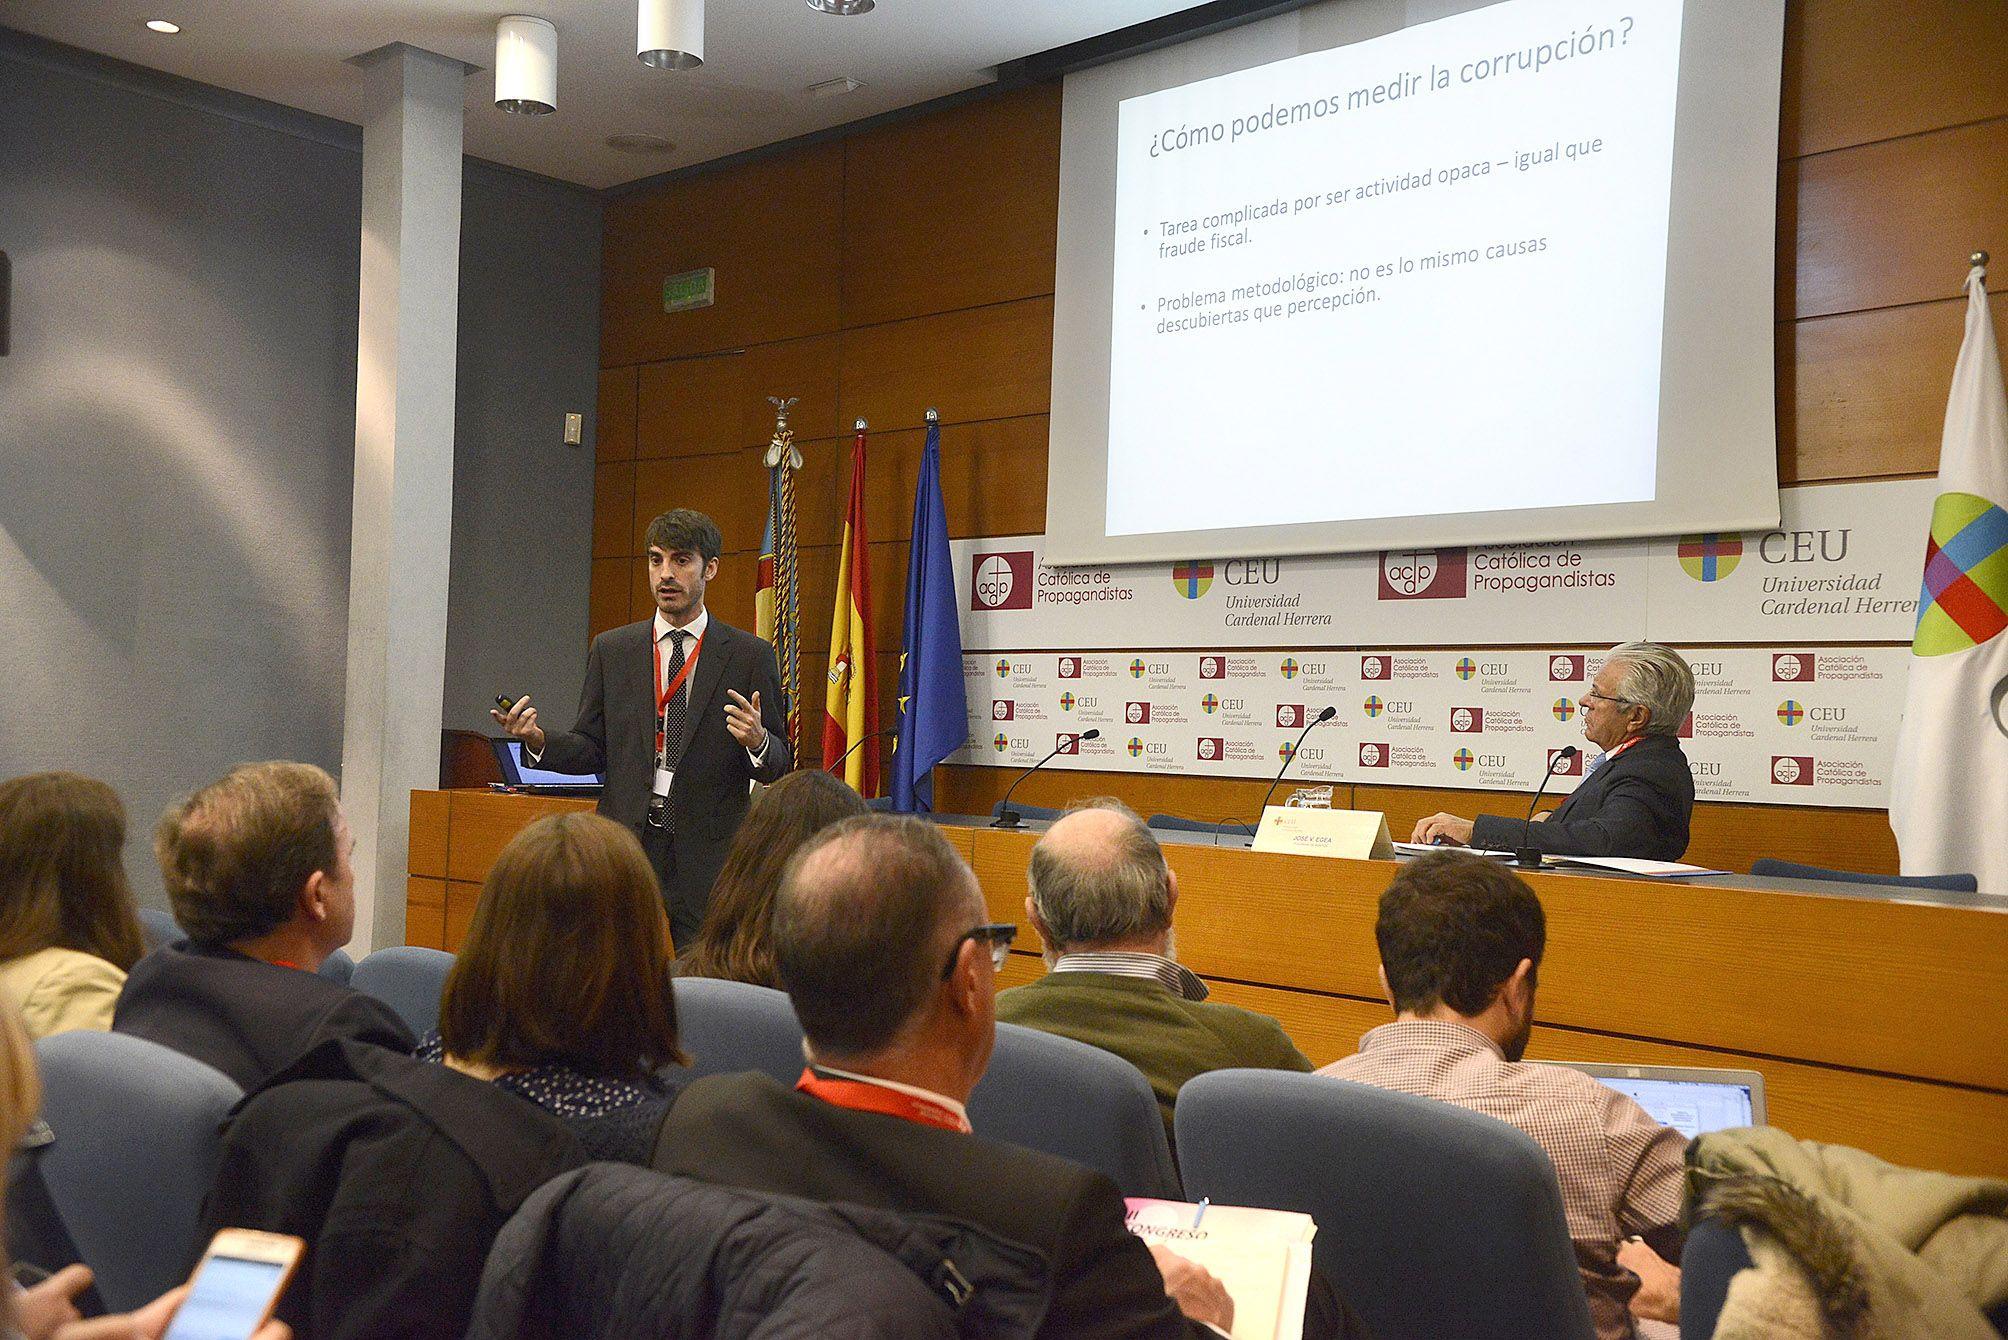 El politólogo Pablo Simón, editor de Politikon, ha abierto las sesiones del Congreso.